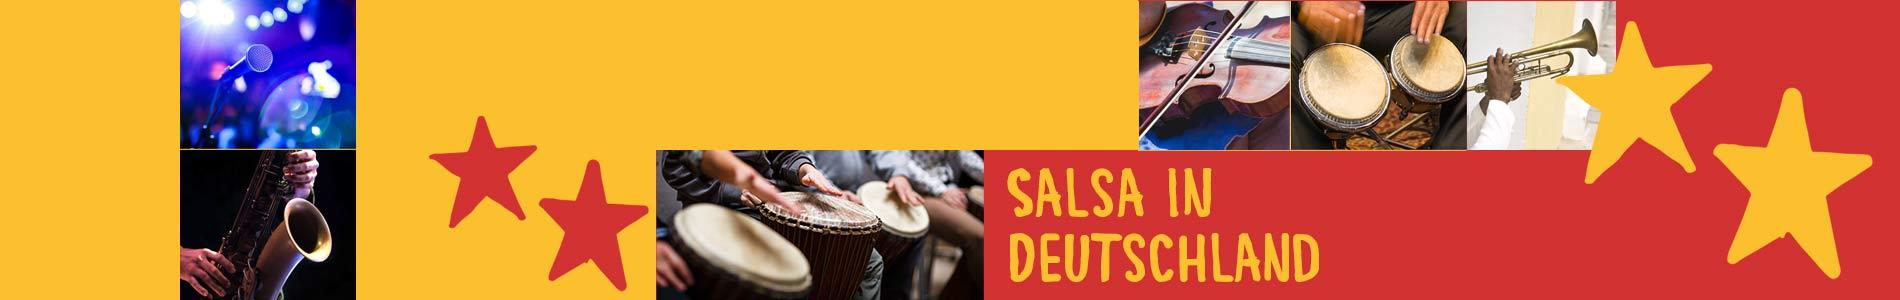 Salsa in Bunde – Salsa lernen und tanzen, Tanzkurse, Partys, Veranstaltungen